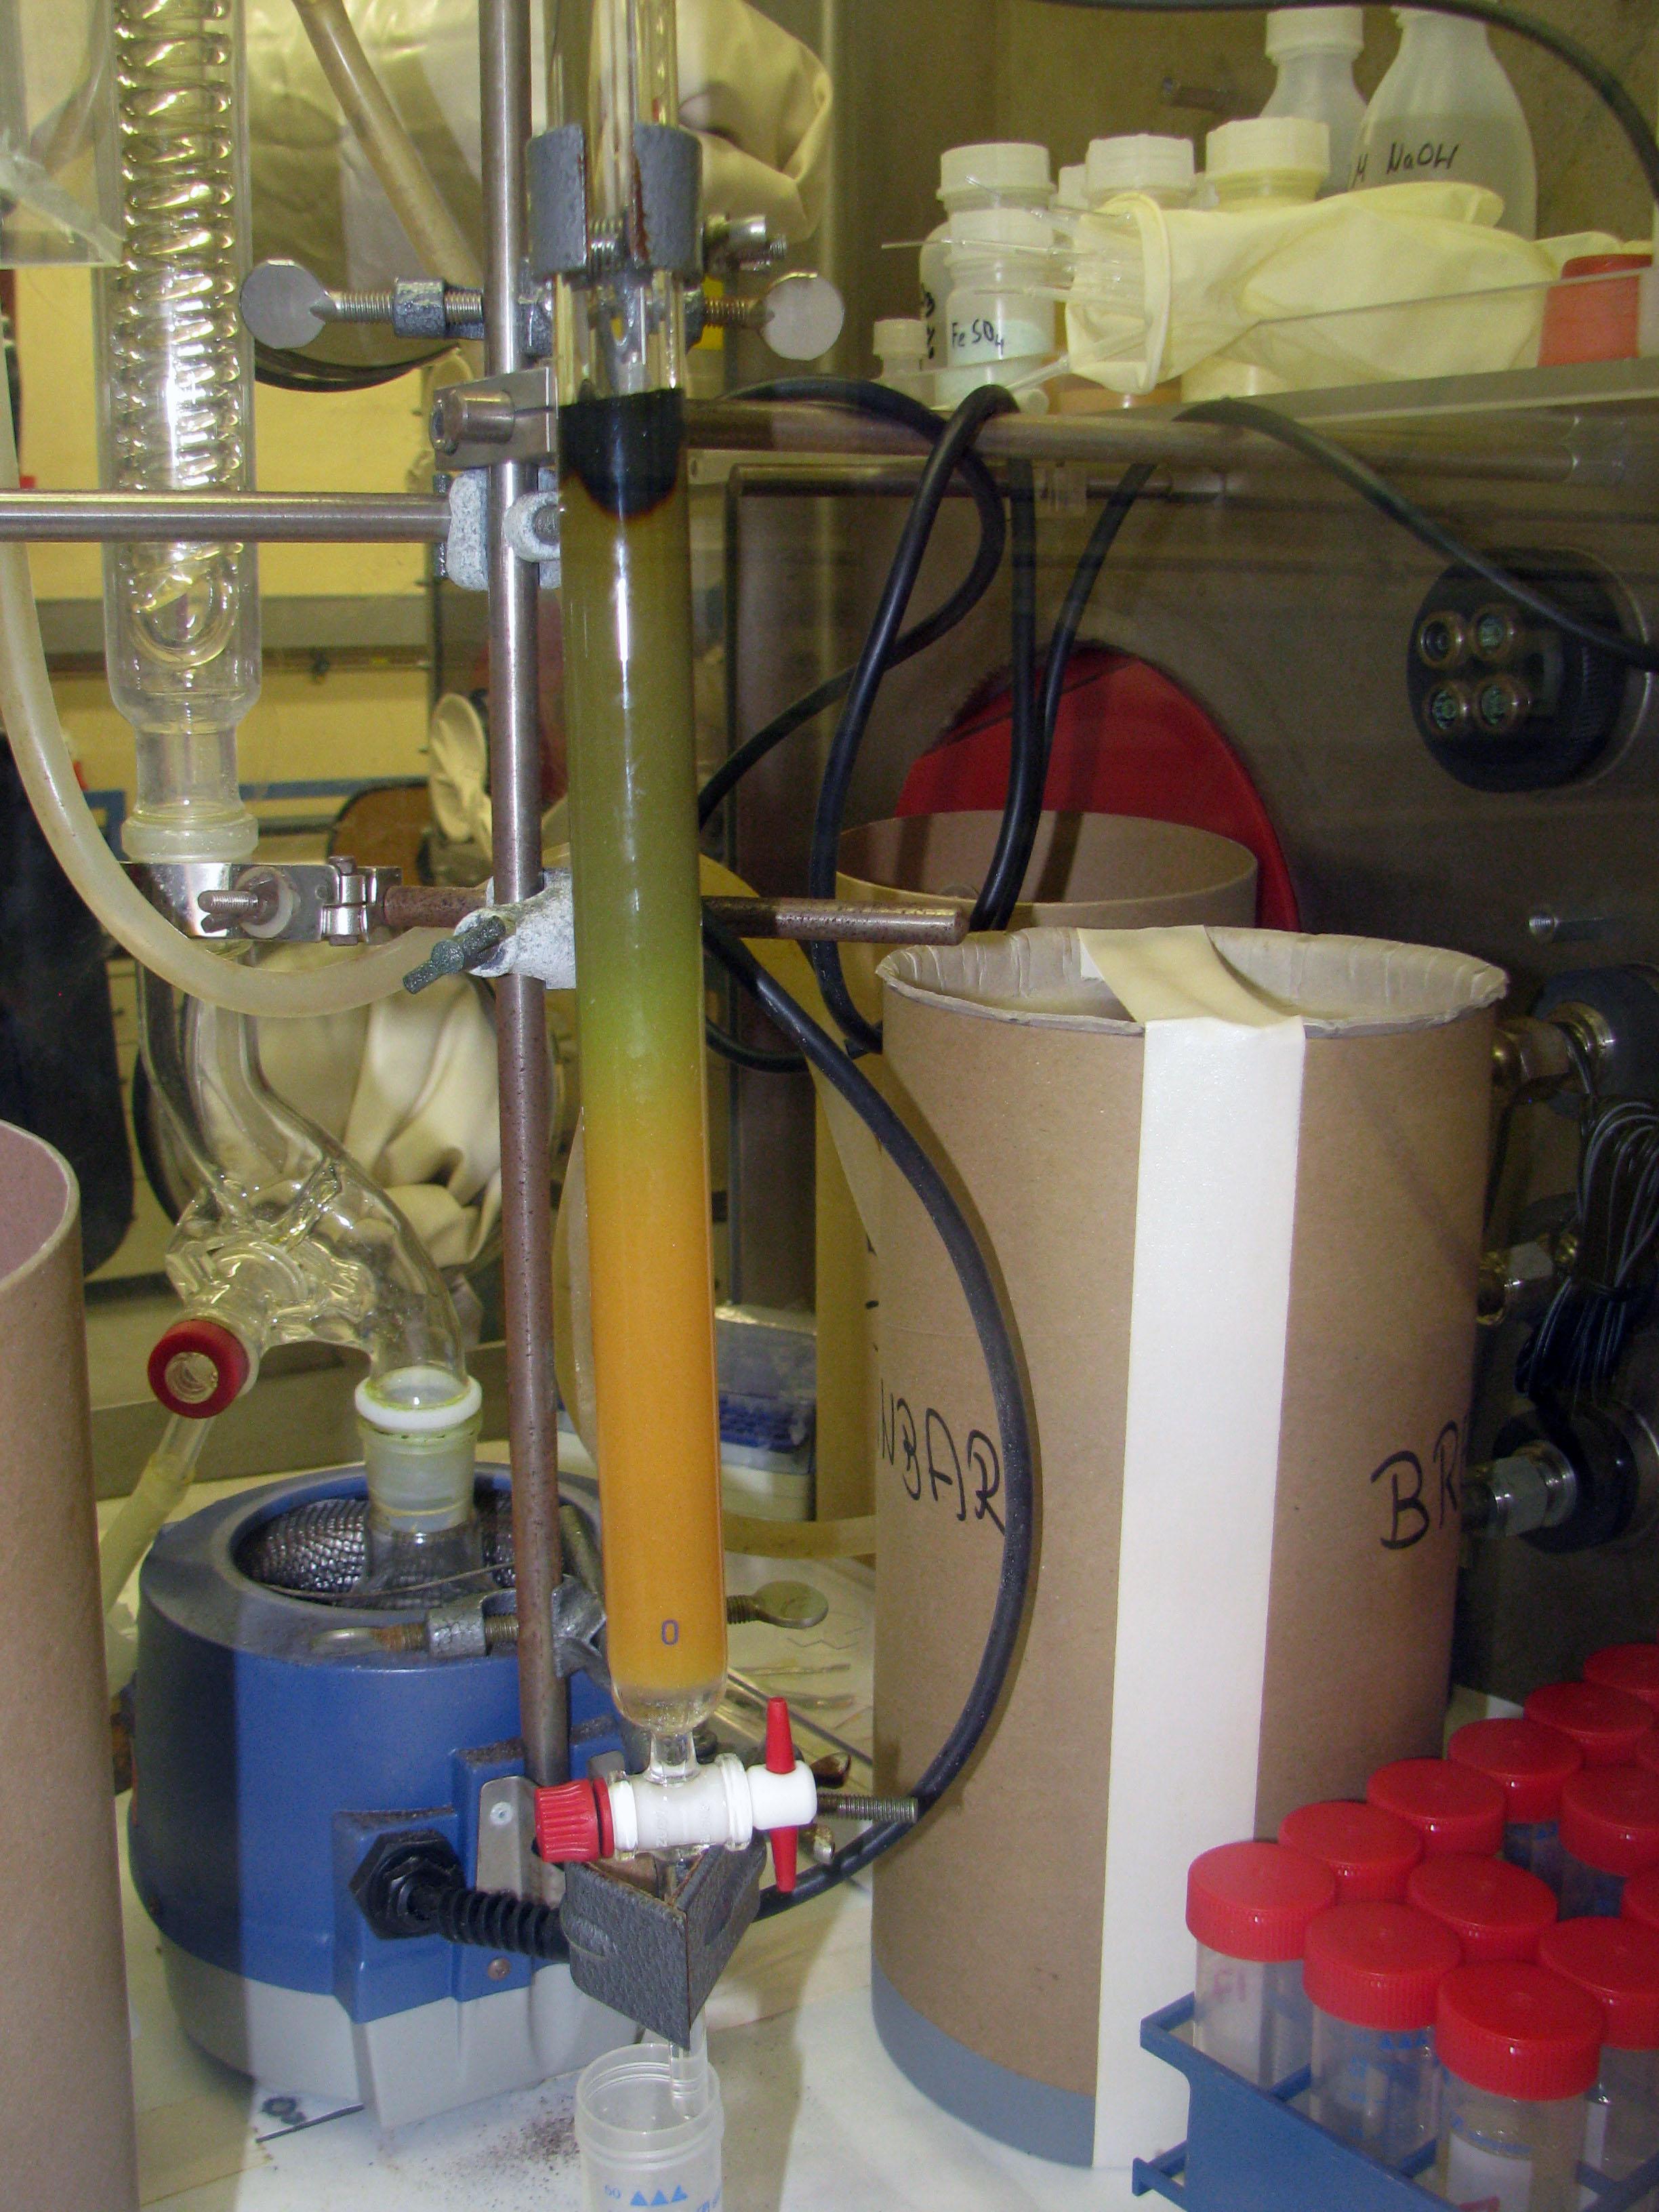 Процесс  начинается.  В  среде  концентрированной  соляной  кислоты Np(IV) образует  анионные  комплексы,  вследствие  чего  нептуний  задерживается  на колонке. На фотографиях  виден фронт  распространения  нептуния.  К  сожалению, частично  через  колонку  проходил  иод,  который  впоследствии  несколько  мешал. При повторной очистке этого удалось избежать удалением кристаллического йода с верха колонки (на фотографиях виден иод наверху).